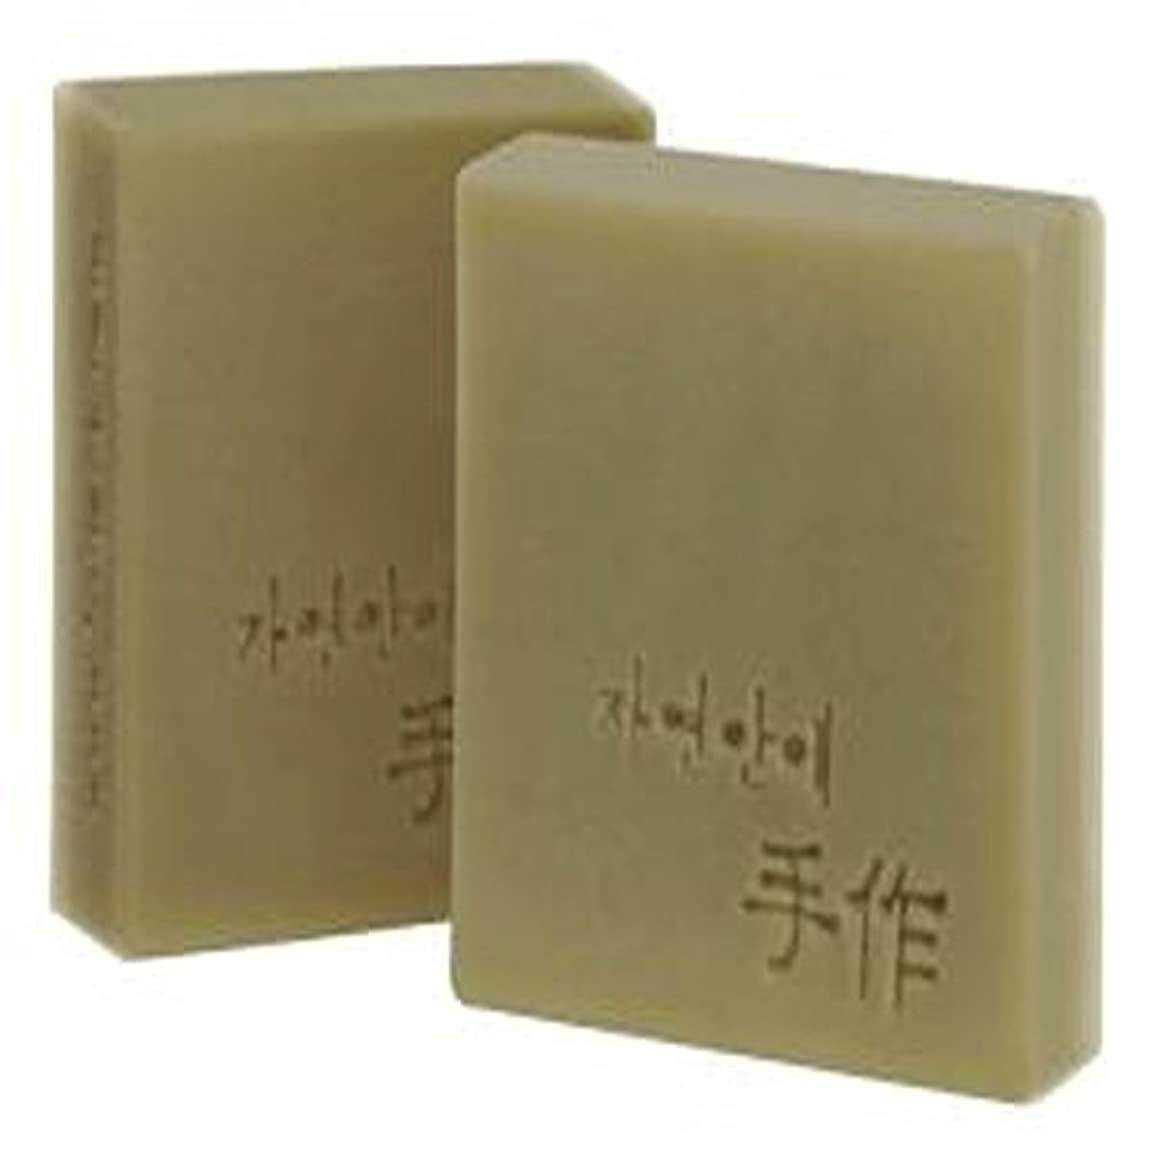 フロントタックバルコニーNatural organic 有機天然ソープ 固形 無添加 洗顔せっけんクレンジング 石鹸 [並行輸入品] (アプリコット)